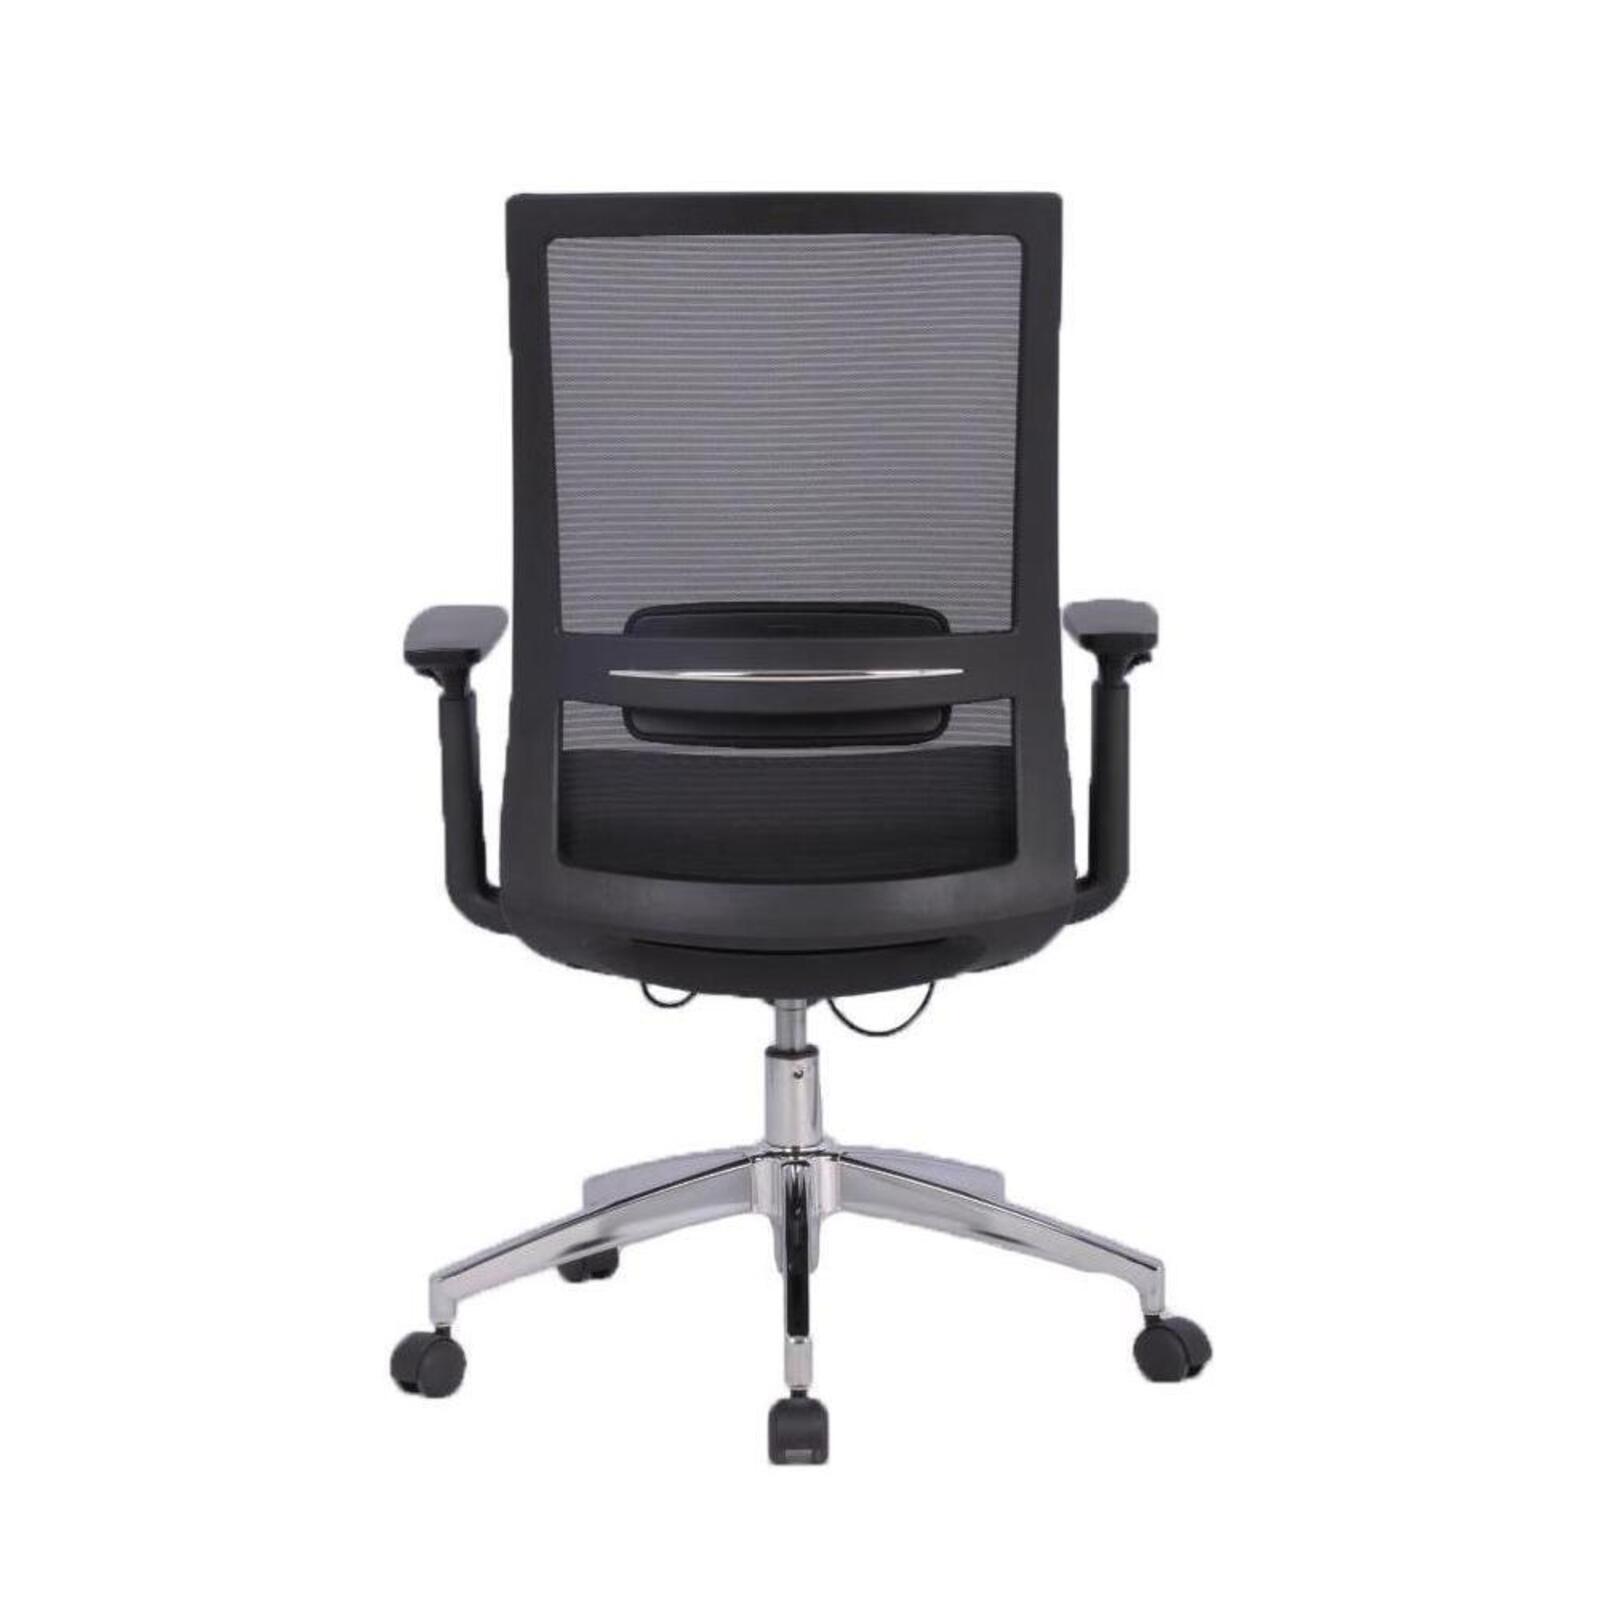 Staples marrett black mesh chair